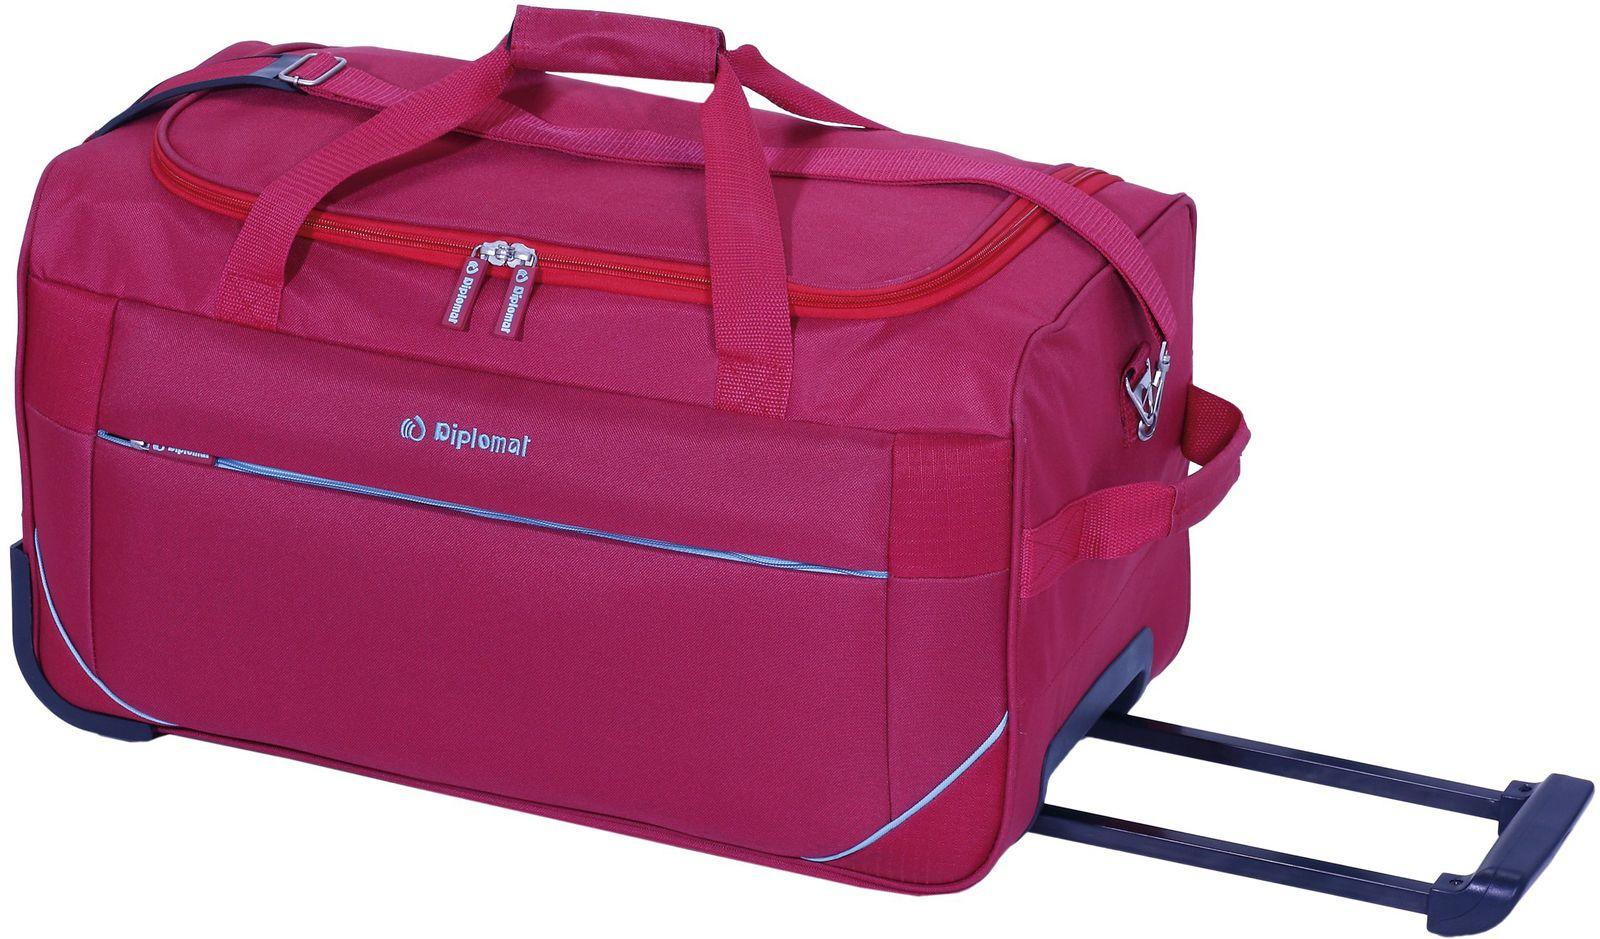 Σακ βουαγιάζ με ρόδες 70εκ Diplomat ZC 2004-70W Κόκκινο ειδη ταξιδιου   βαλίτσες   σακ βουαγιαζ   σακ βουαγιάζ τρόλευ